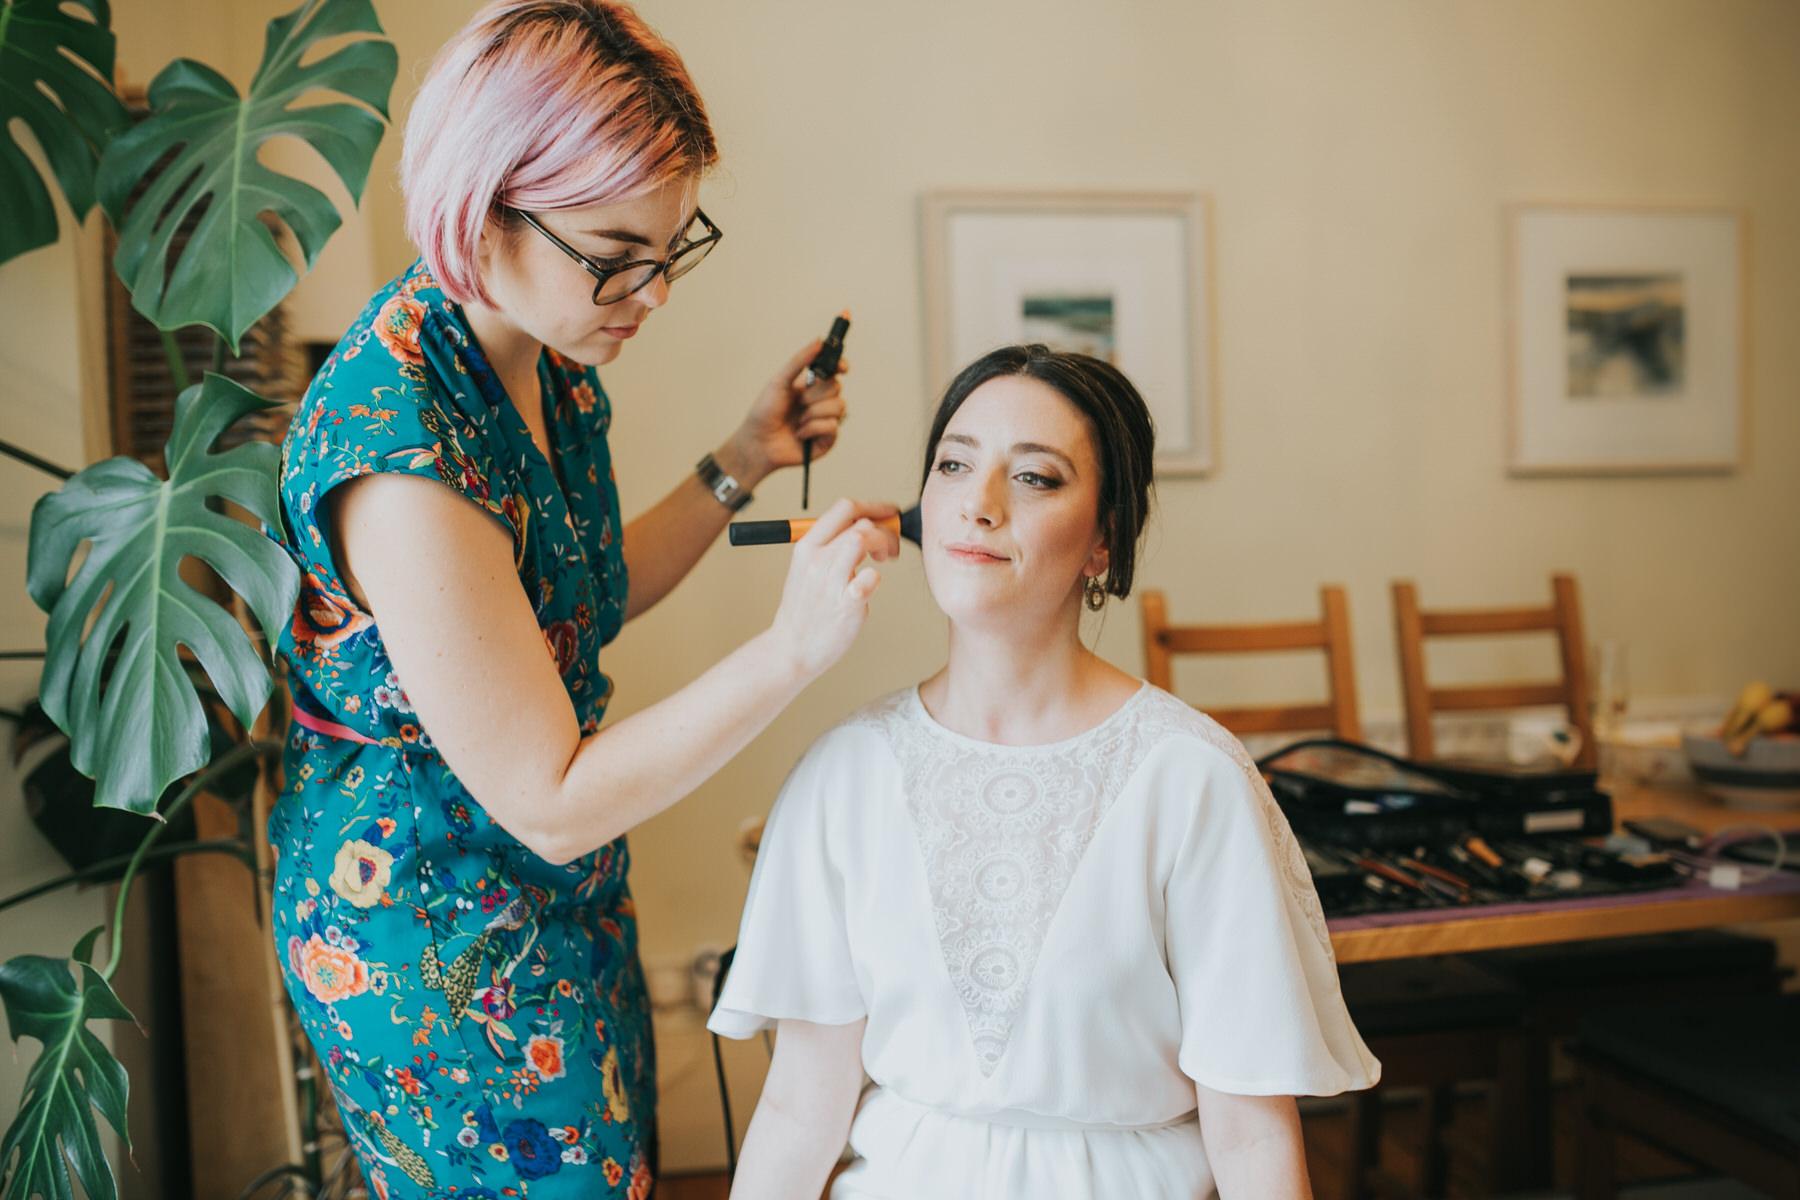 46-makeup artist bride getting ready Minna wedding dress.jpg